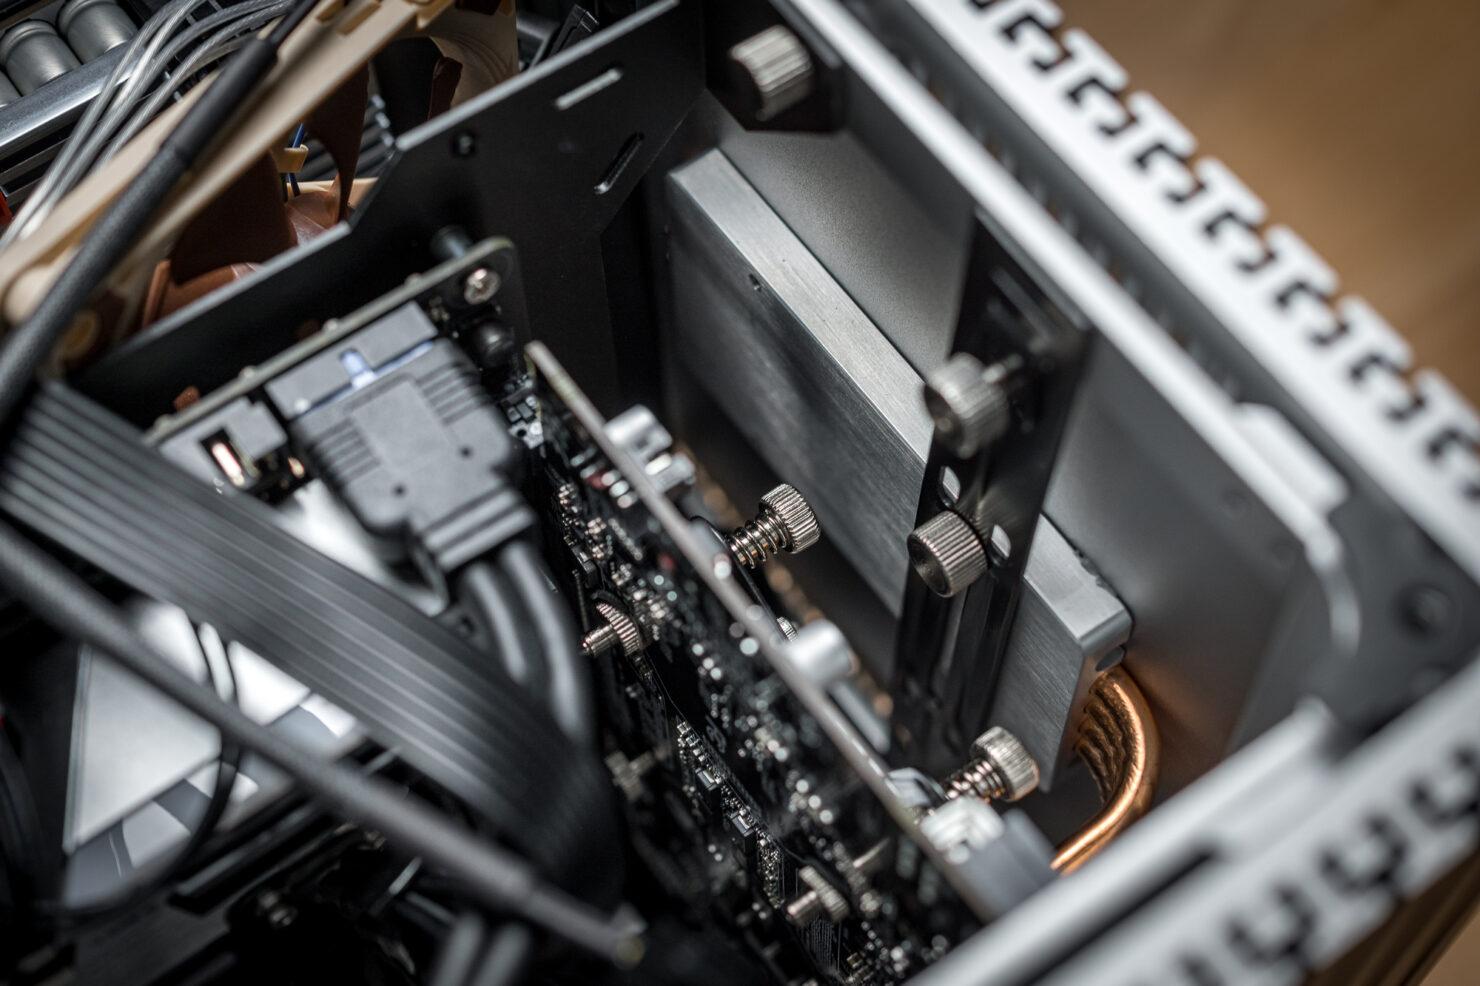 amd-ryzen-7-3700x-8-core-cpu-nvidia-geforce-gtx-1650-passive-cooled-pc_8